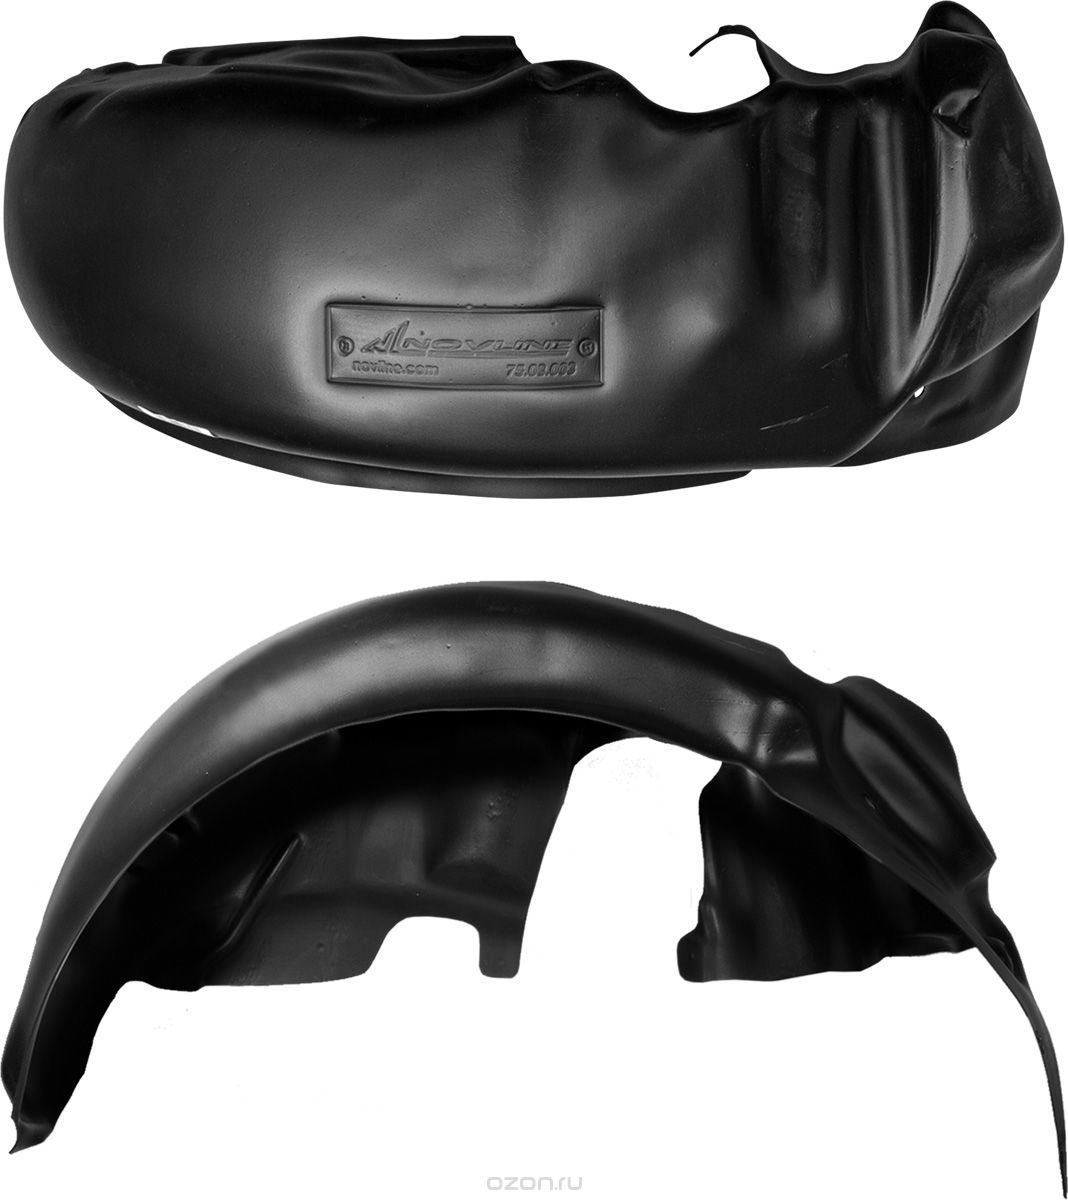 Подкрылок Novline-Autofamily, для MAZDA CX-9 2007-2012, 2012->, передний левый42803004Идеальная защита колесной ниши. Локеры разработаны с применением цифровых технологий, гарантируют максимальную повторяемость поверхности арки. Изделия устанавливаются без нарушения лакокрасочного покрытия автомобиля, каждый подкрылок комплектуется крепежом. Уважаемые клиенты, обращаем ваше внимание, что фотографии на подкрылки универсальные и не отражают реальную форму изделия. При этом само изделие идет точно под размер указанного автомобиля.